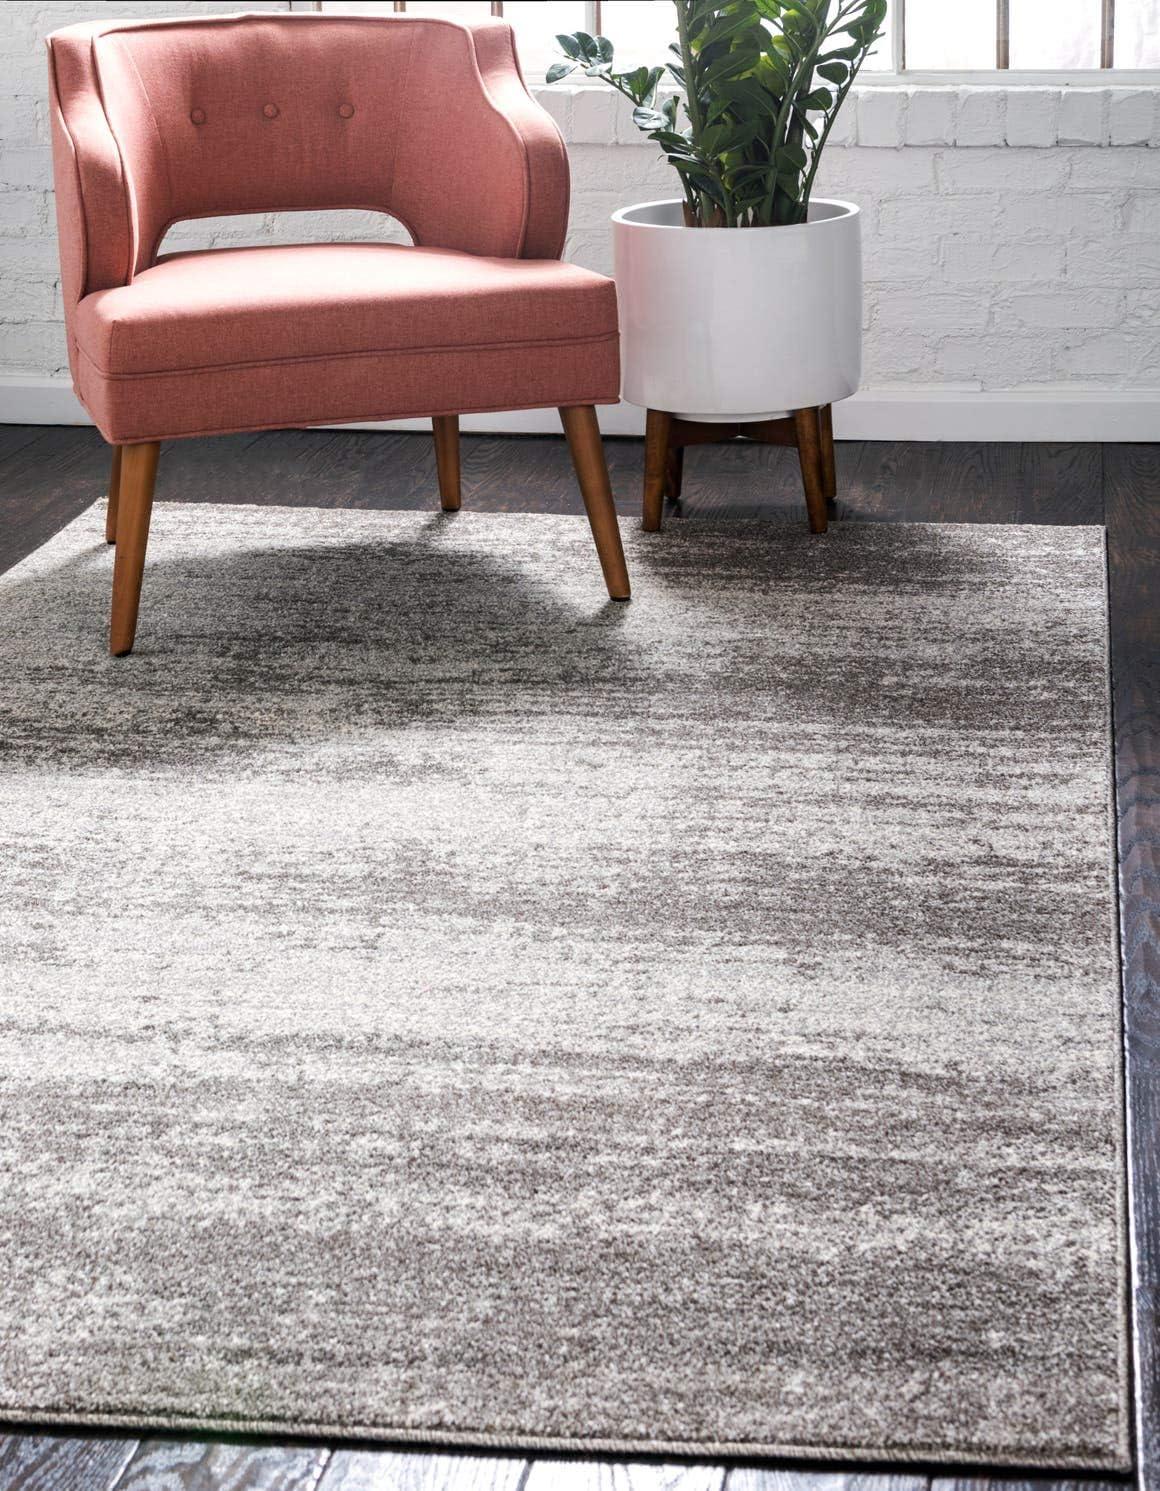 Unique Loom Del Mar Collection Contemporary Transitional Gray Area Rug 10 0 x 13 0